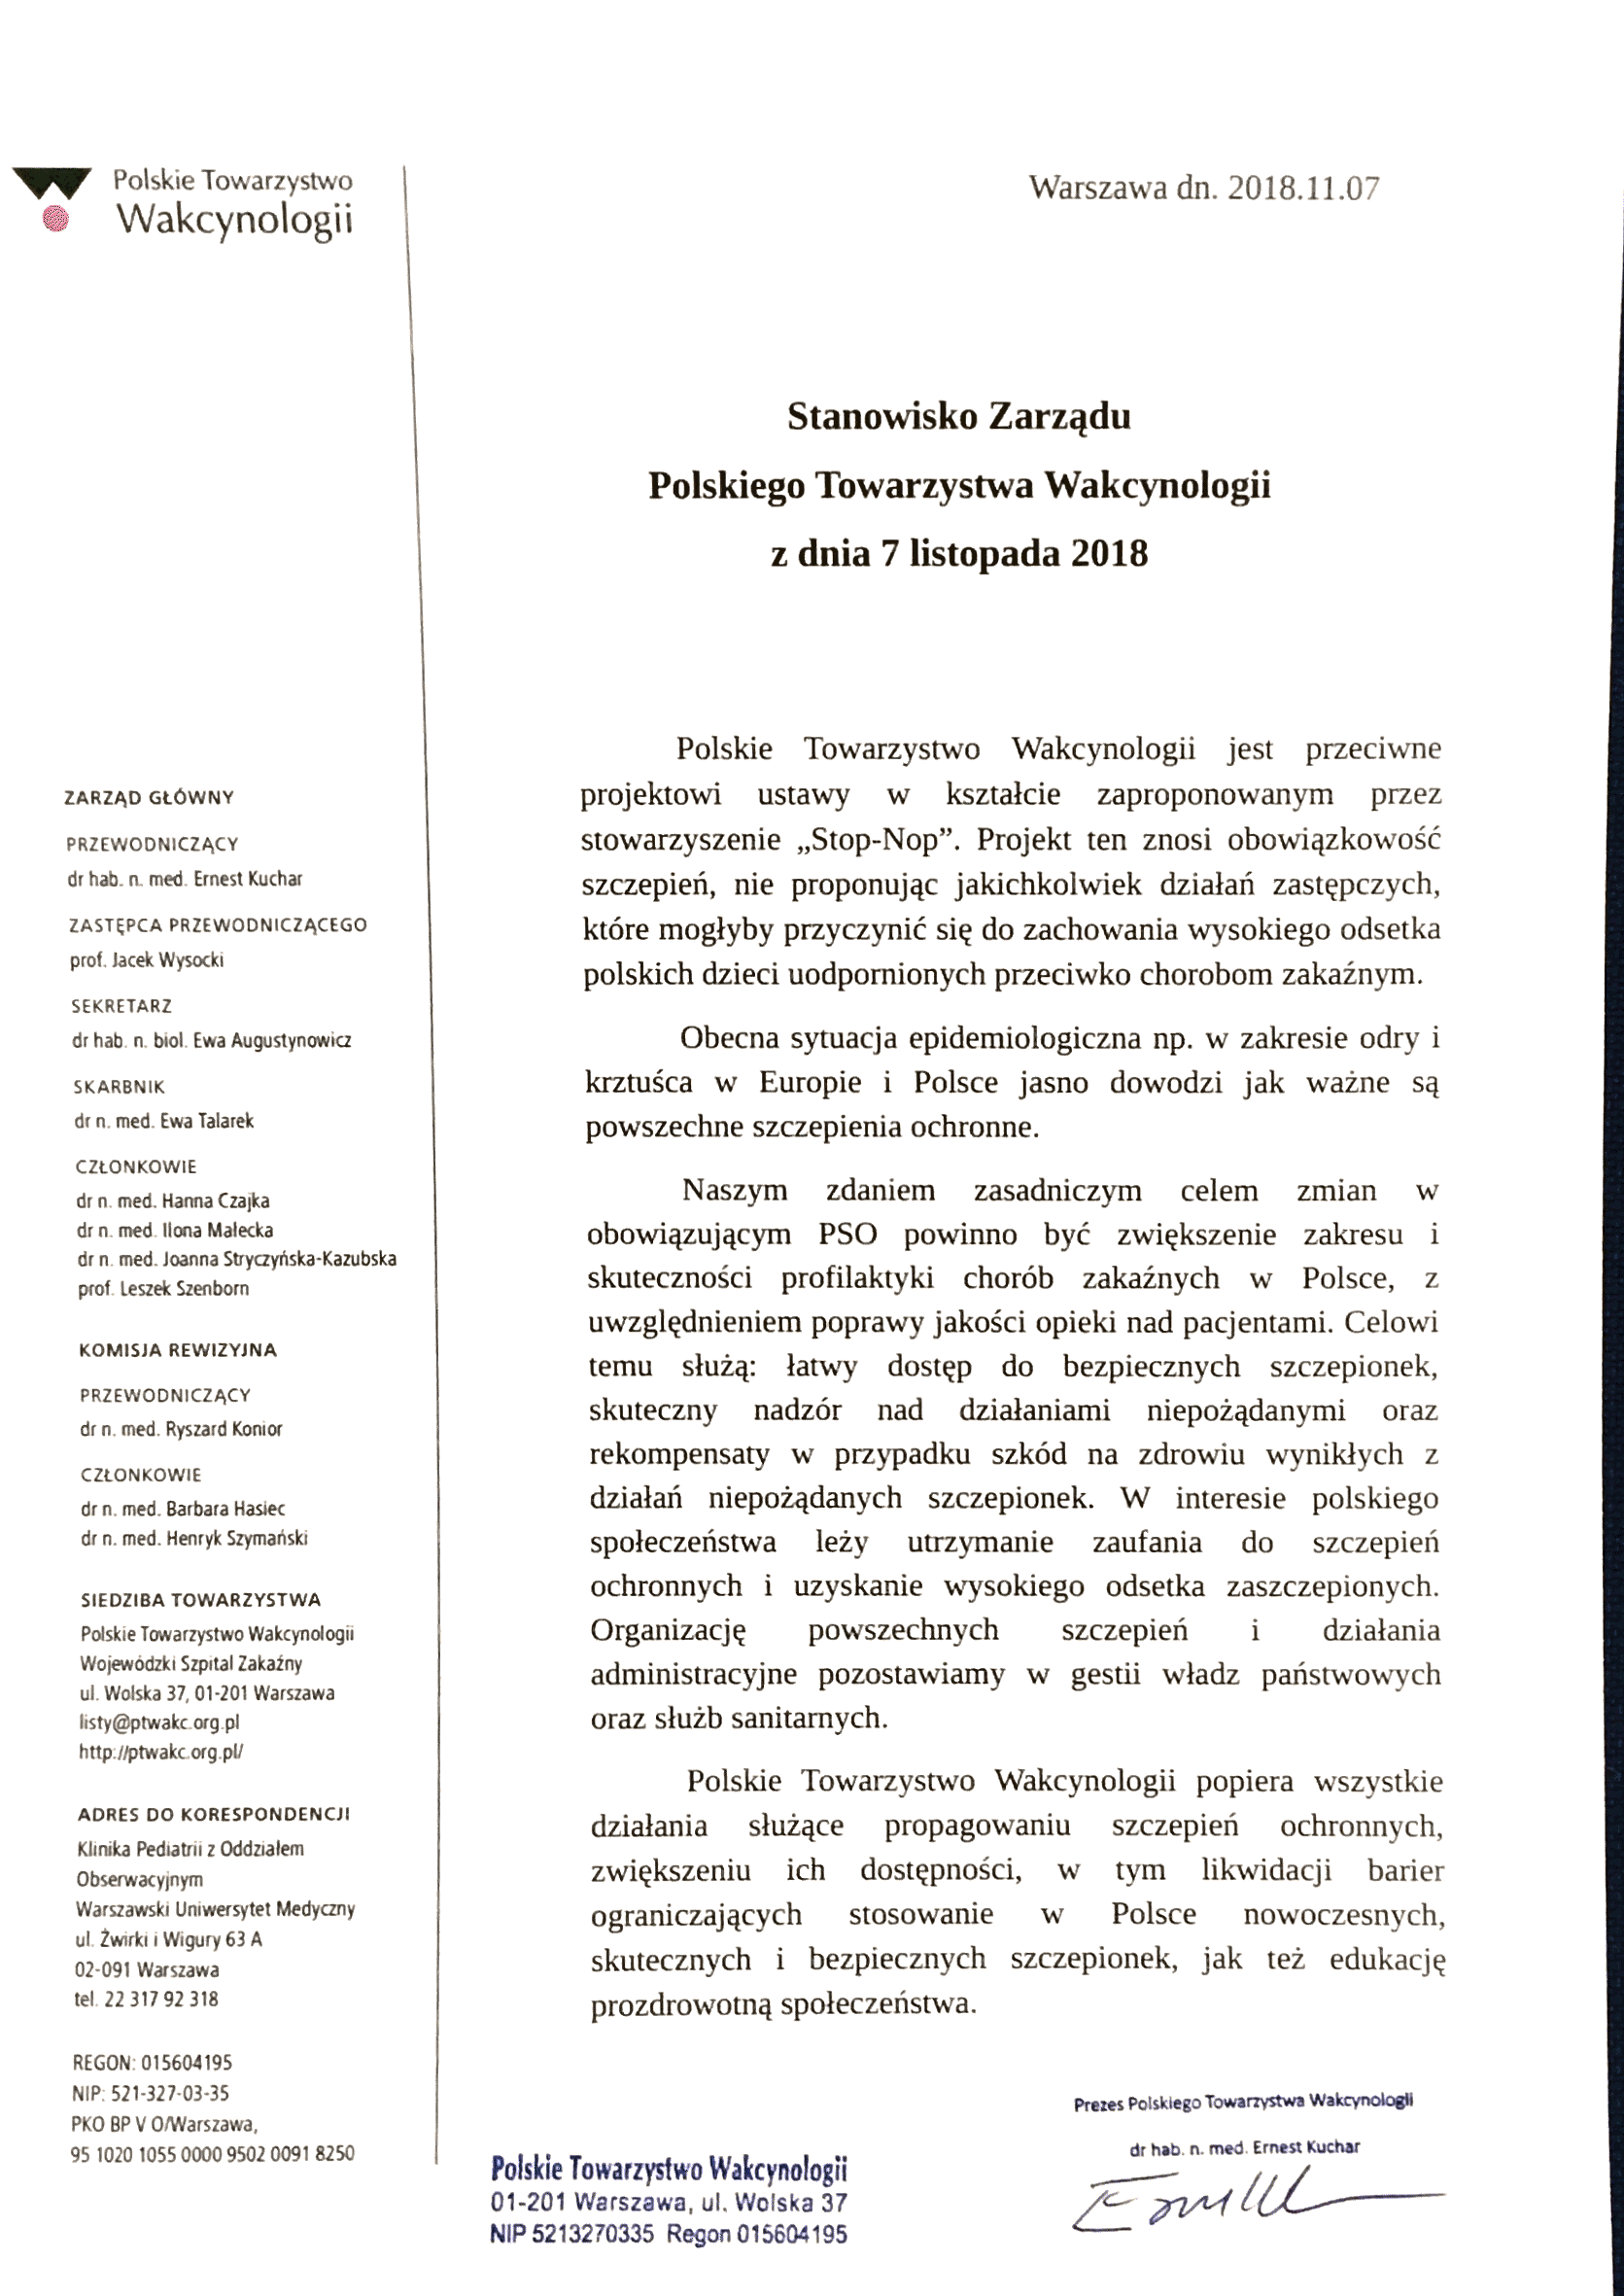 dokument-aplikacji-scannable-dnia-08-11-2018-07_56_18